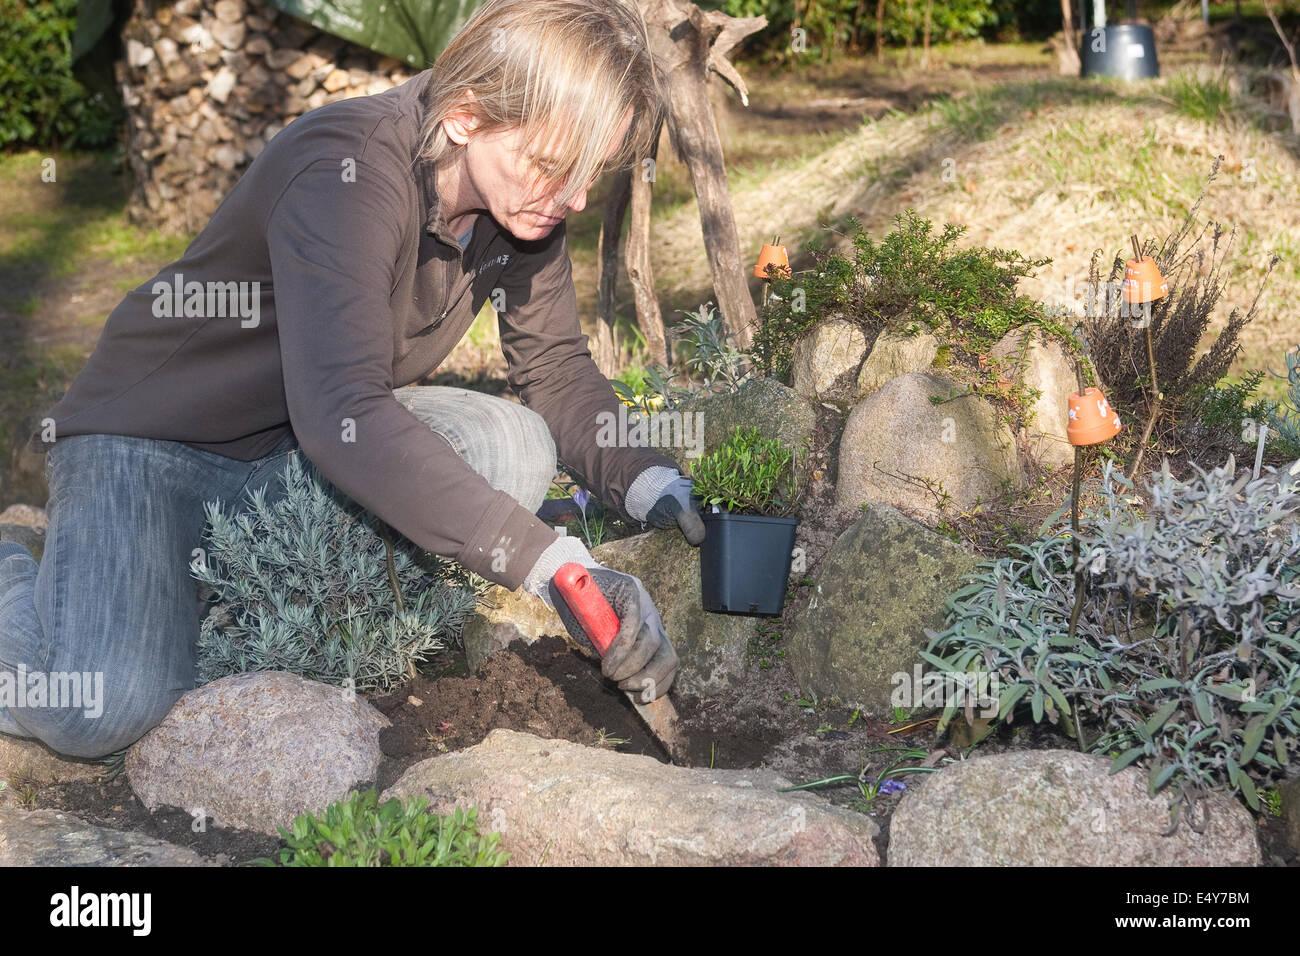 gardening, planting, cultivation, einpflanzen, pflanze, bepflanzung